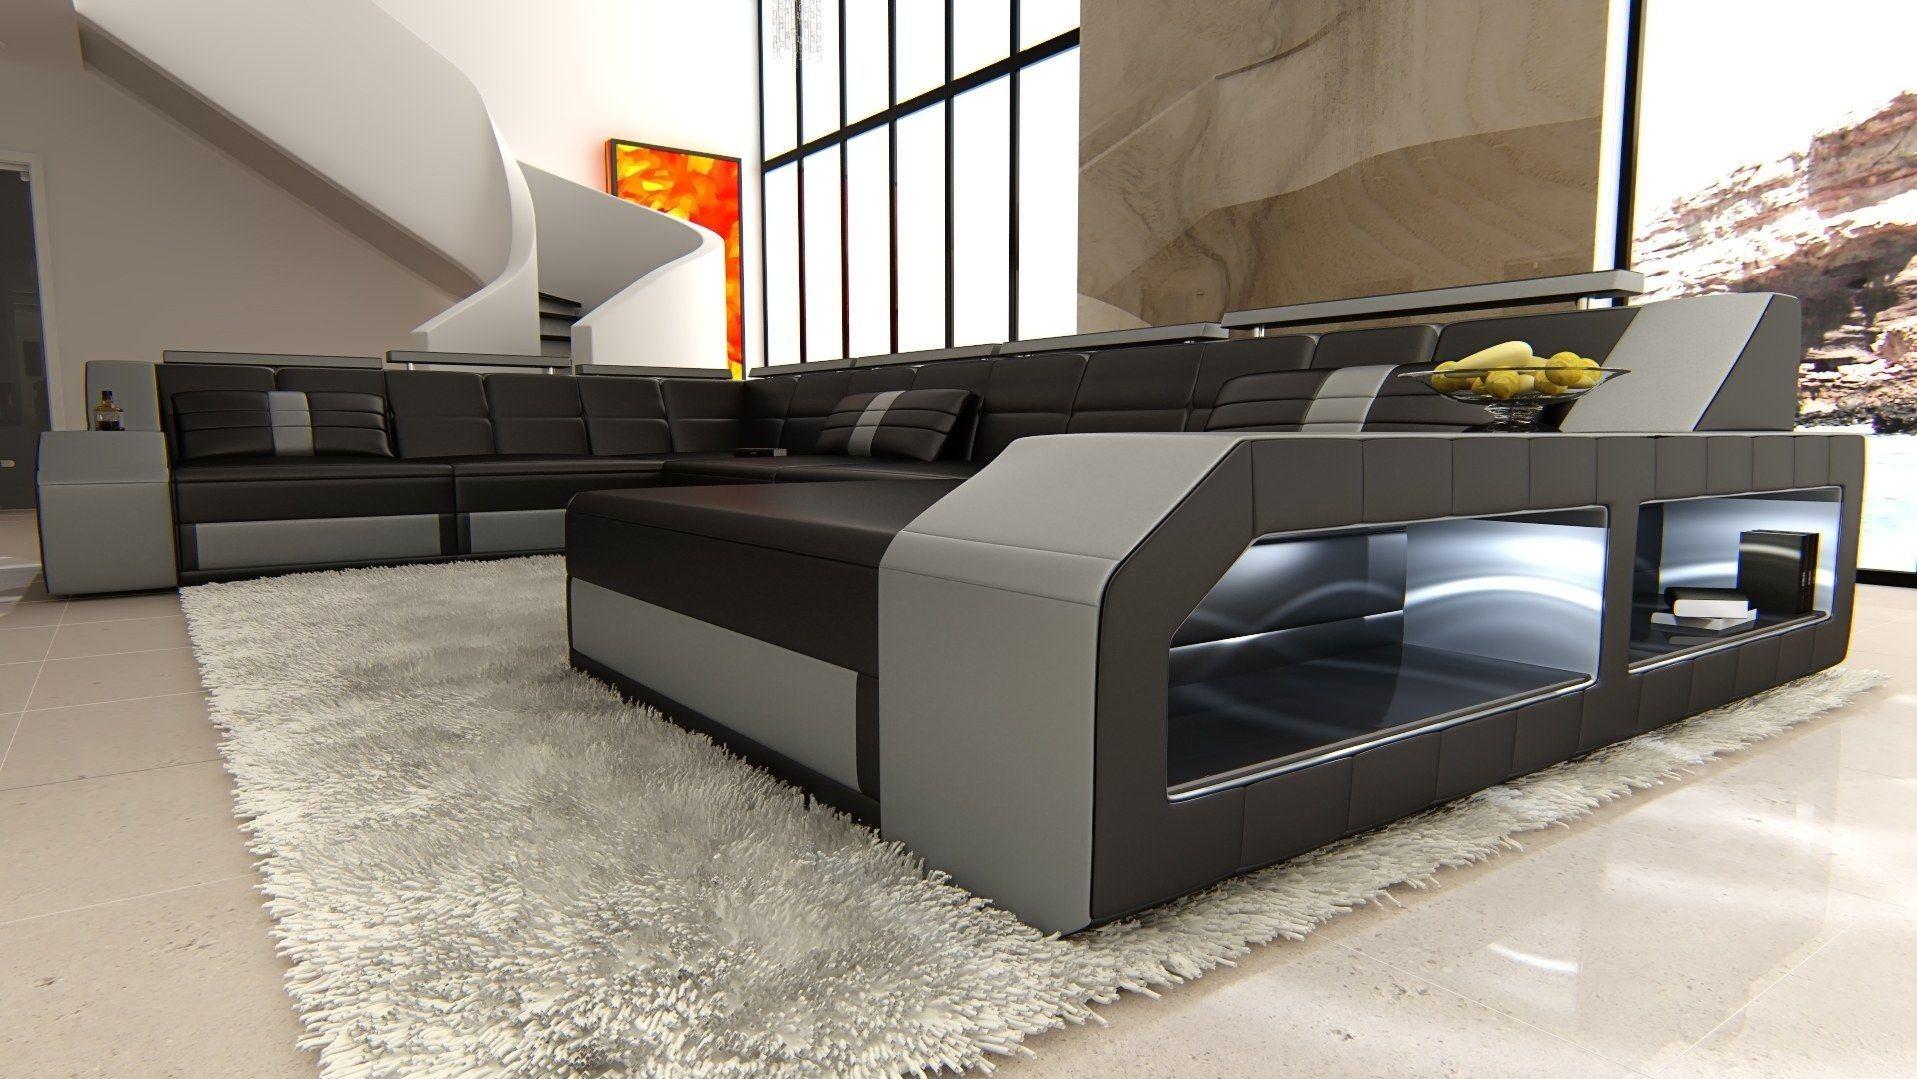 xxl wohnlandschaft matera xxl grau schwarz. Black Bedroom Furniture Sets. Home Design Ideas